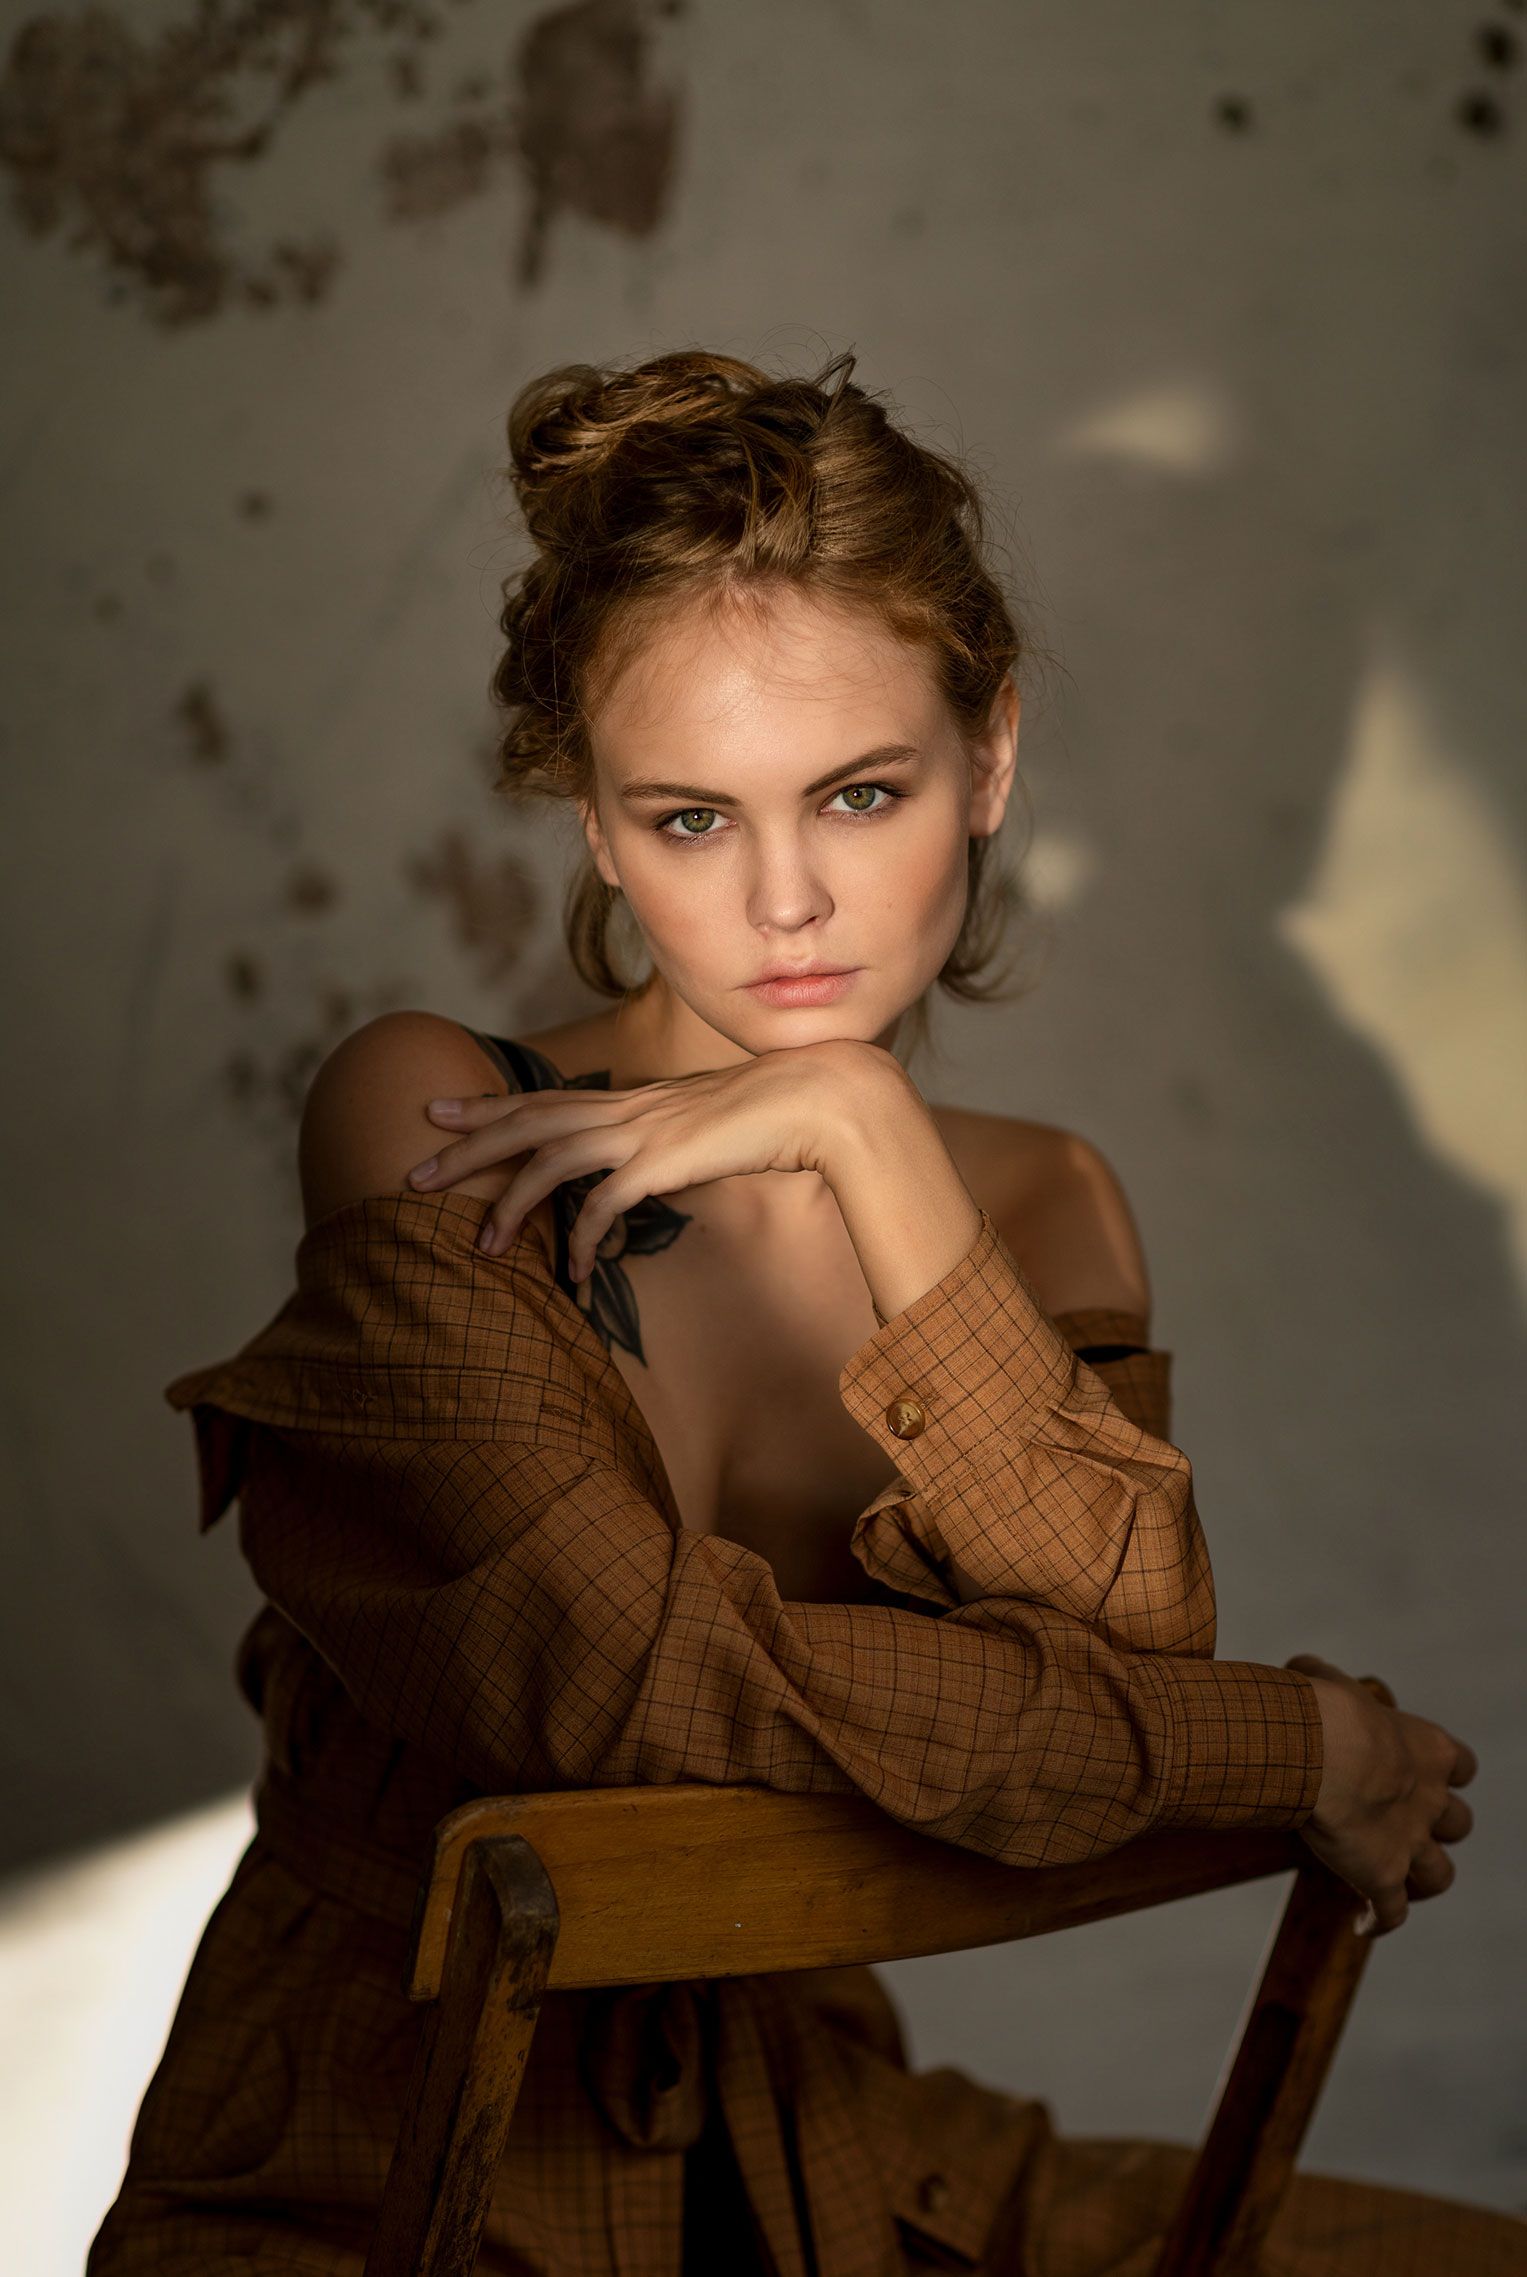 Портрет Анастасии Щегловой / Anastasiya Scheglova by Chris Bos